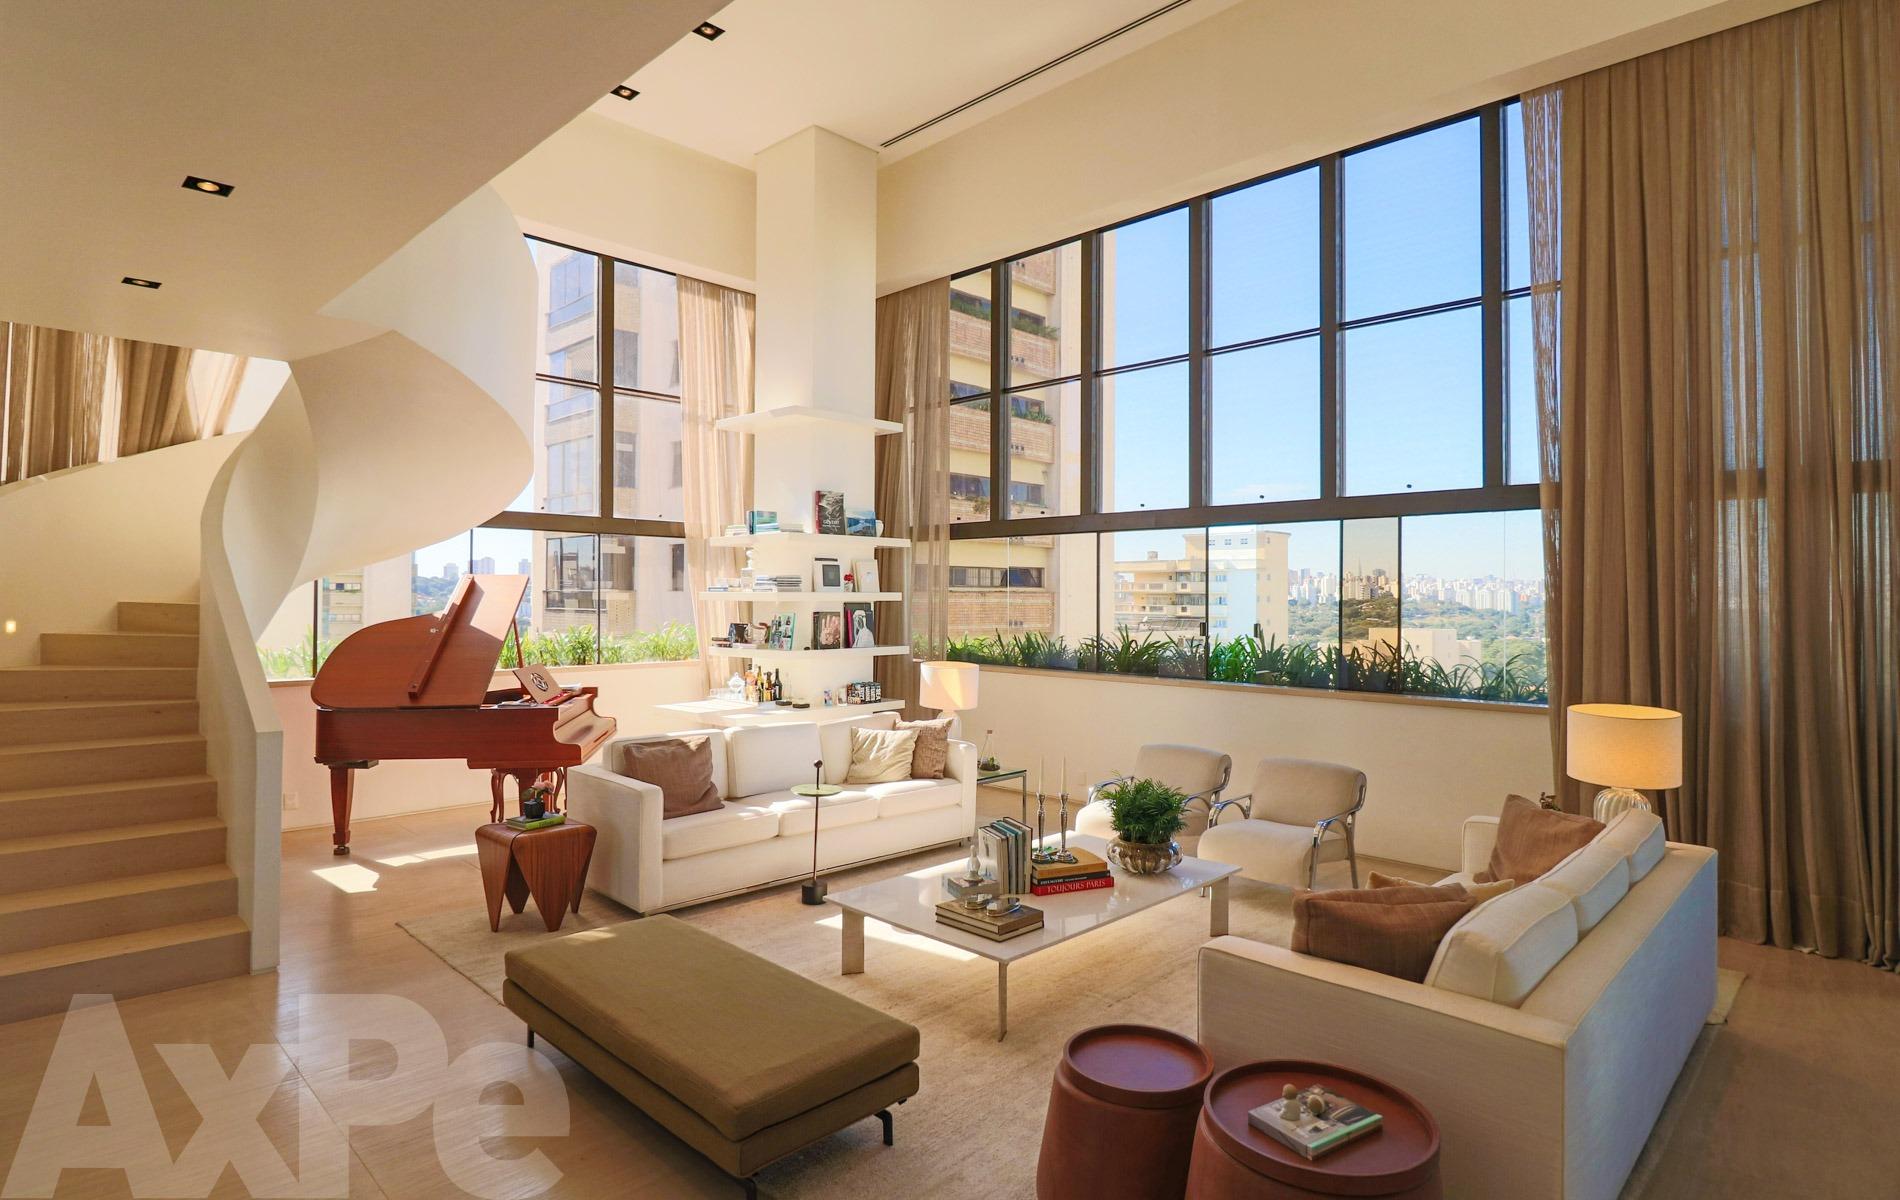 Axpe Apartamento - AX145412